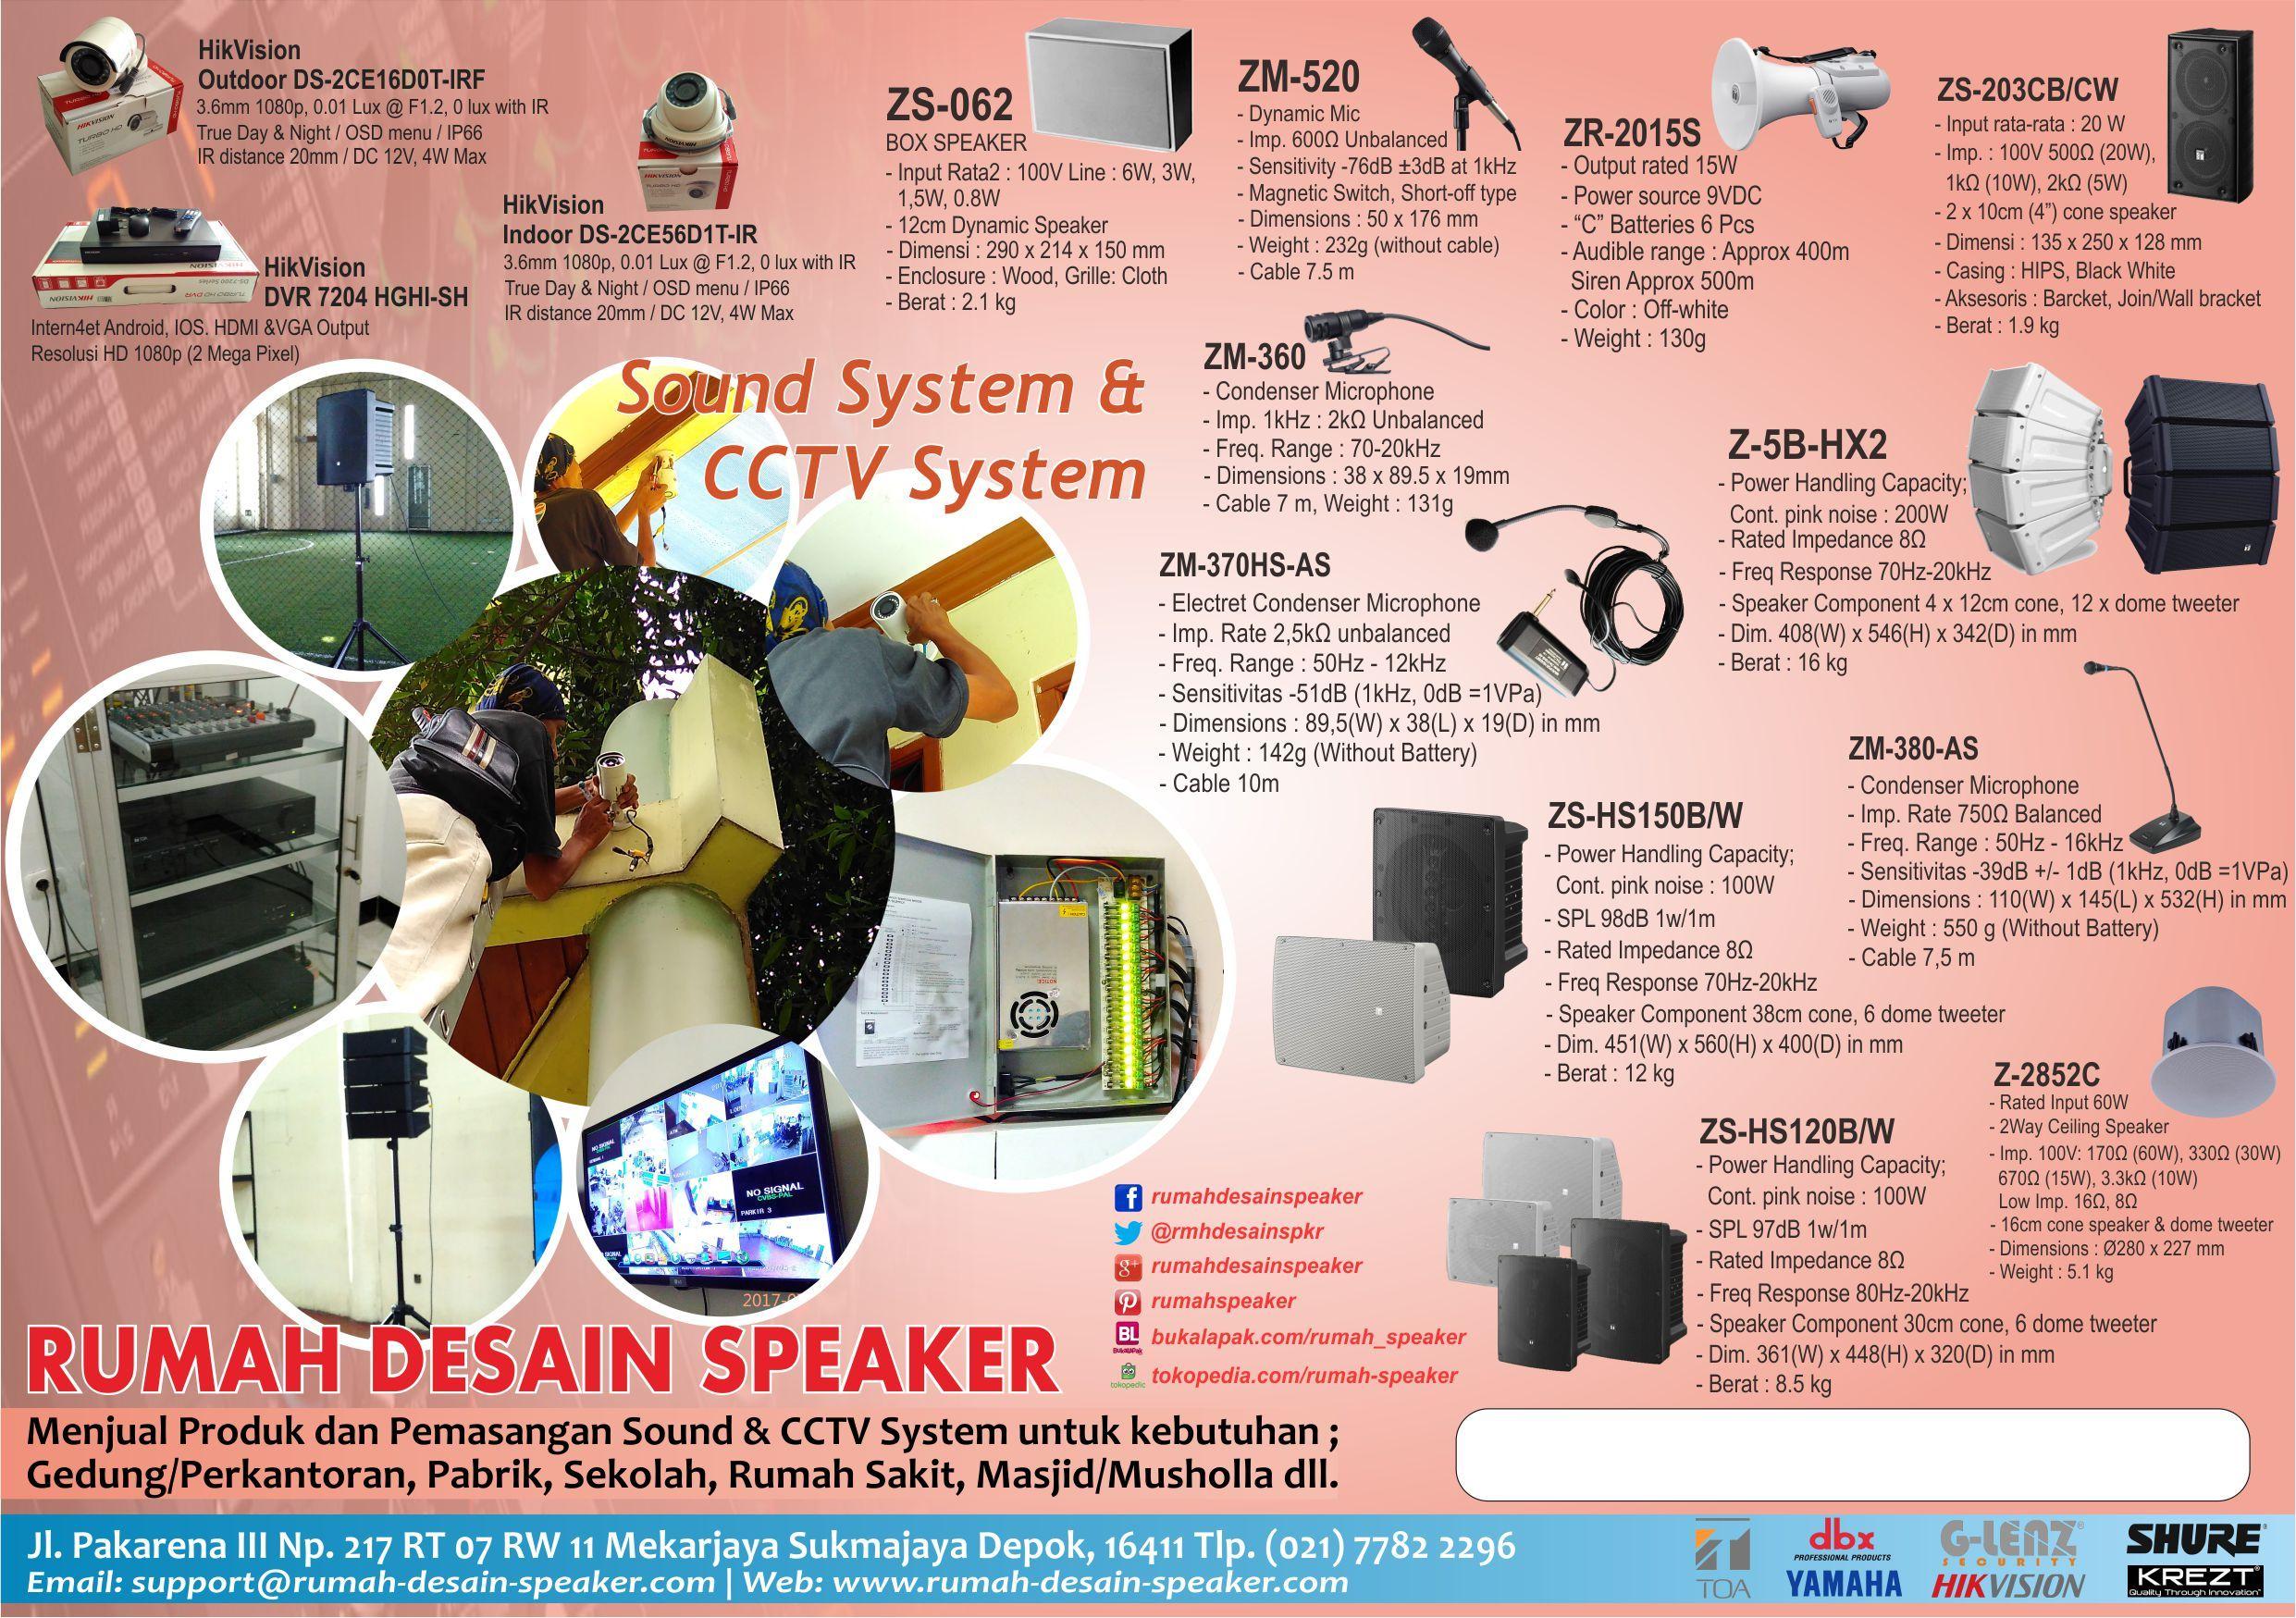 RUMAH DESAIN SPEAKER Menjual produk dan pemasangan CCTV Sound system merk TOA untuk kebutuhan Masjid